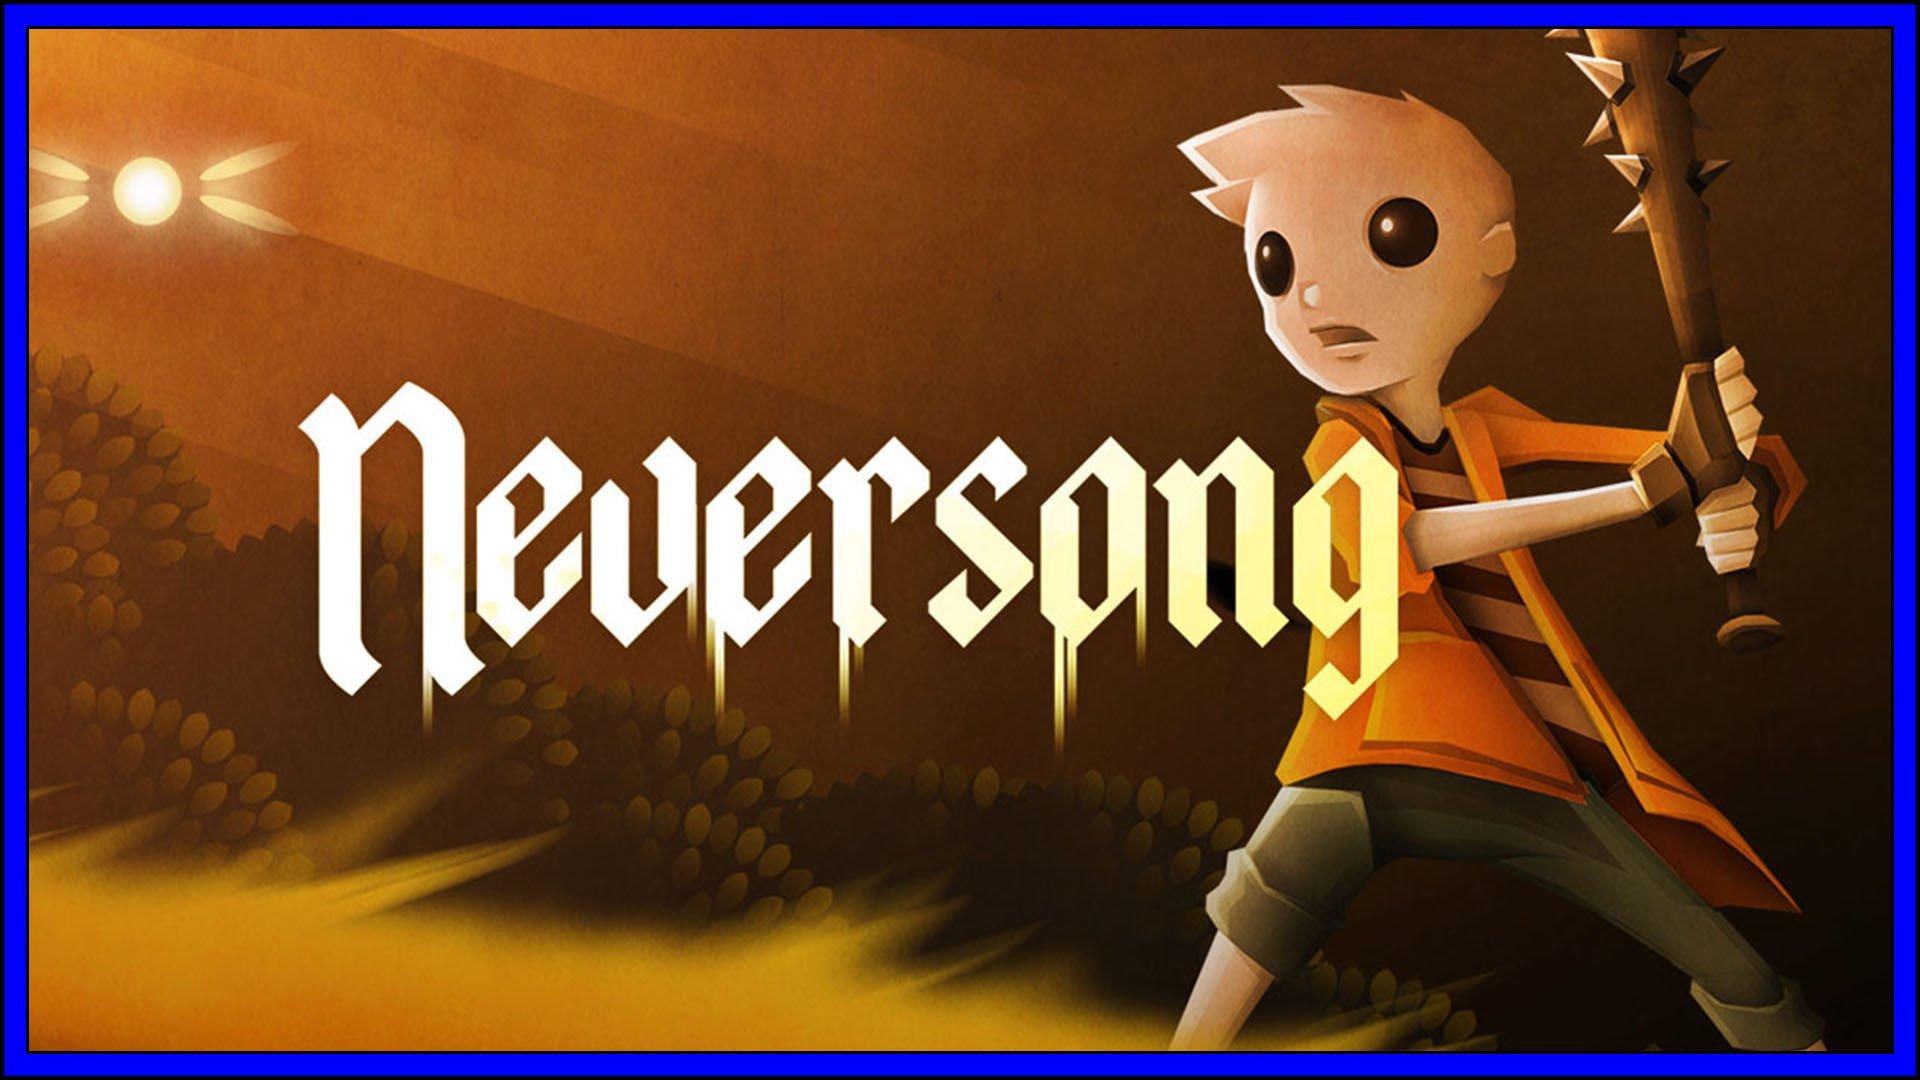 Neversong Fi3